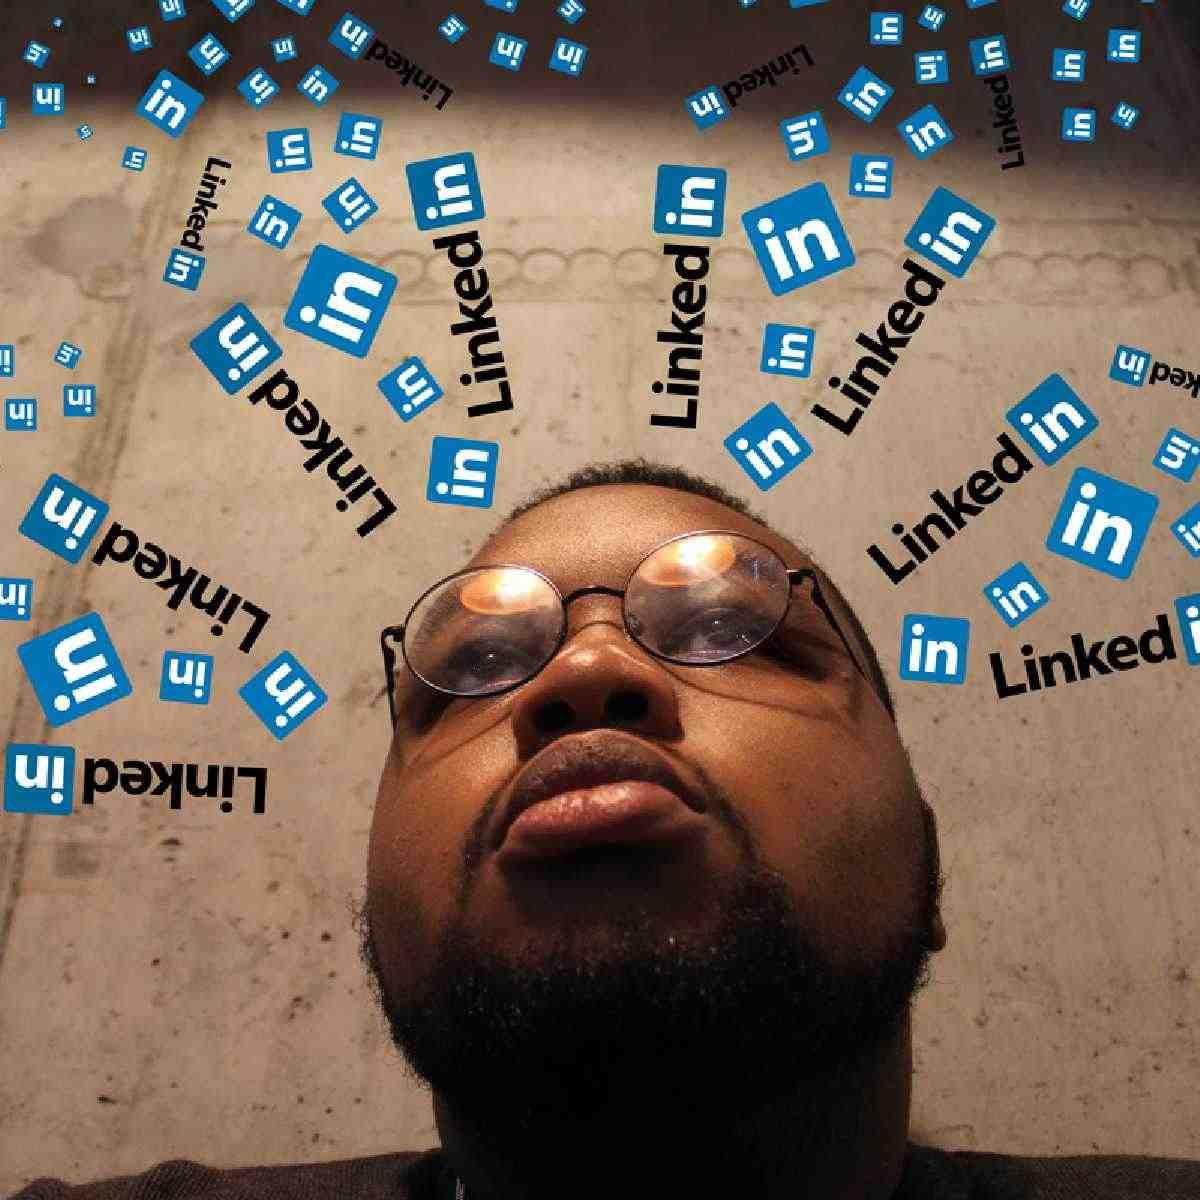 Alex makes a LinkedIn